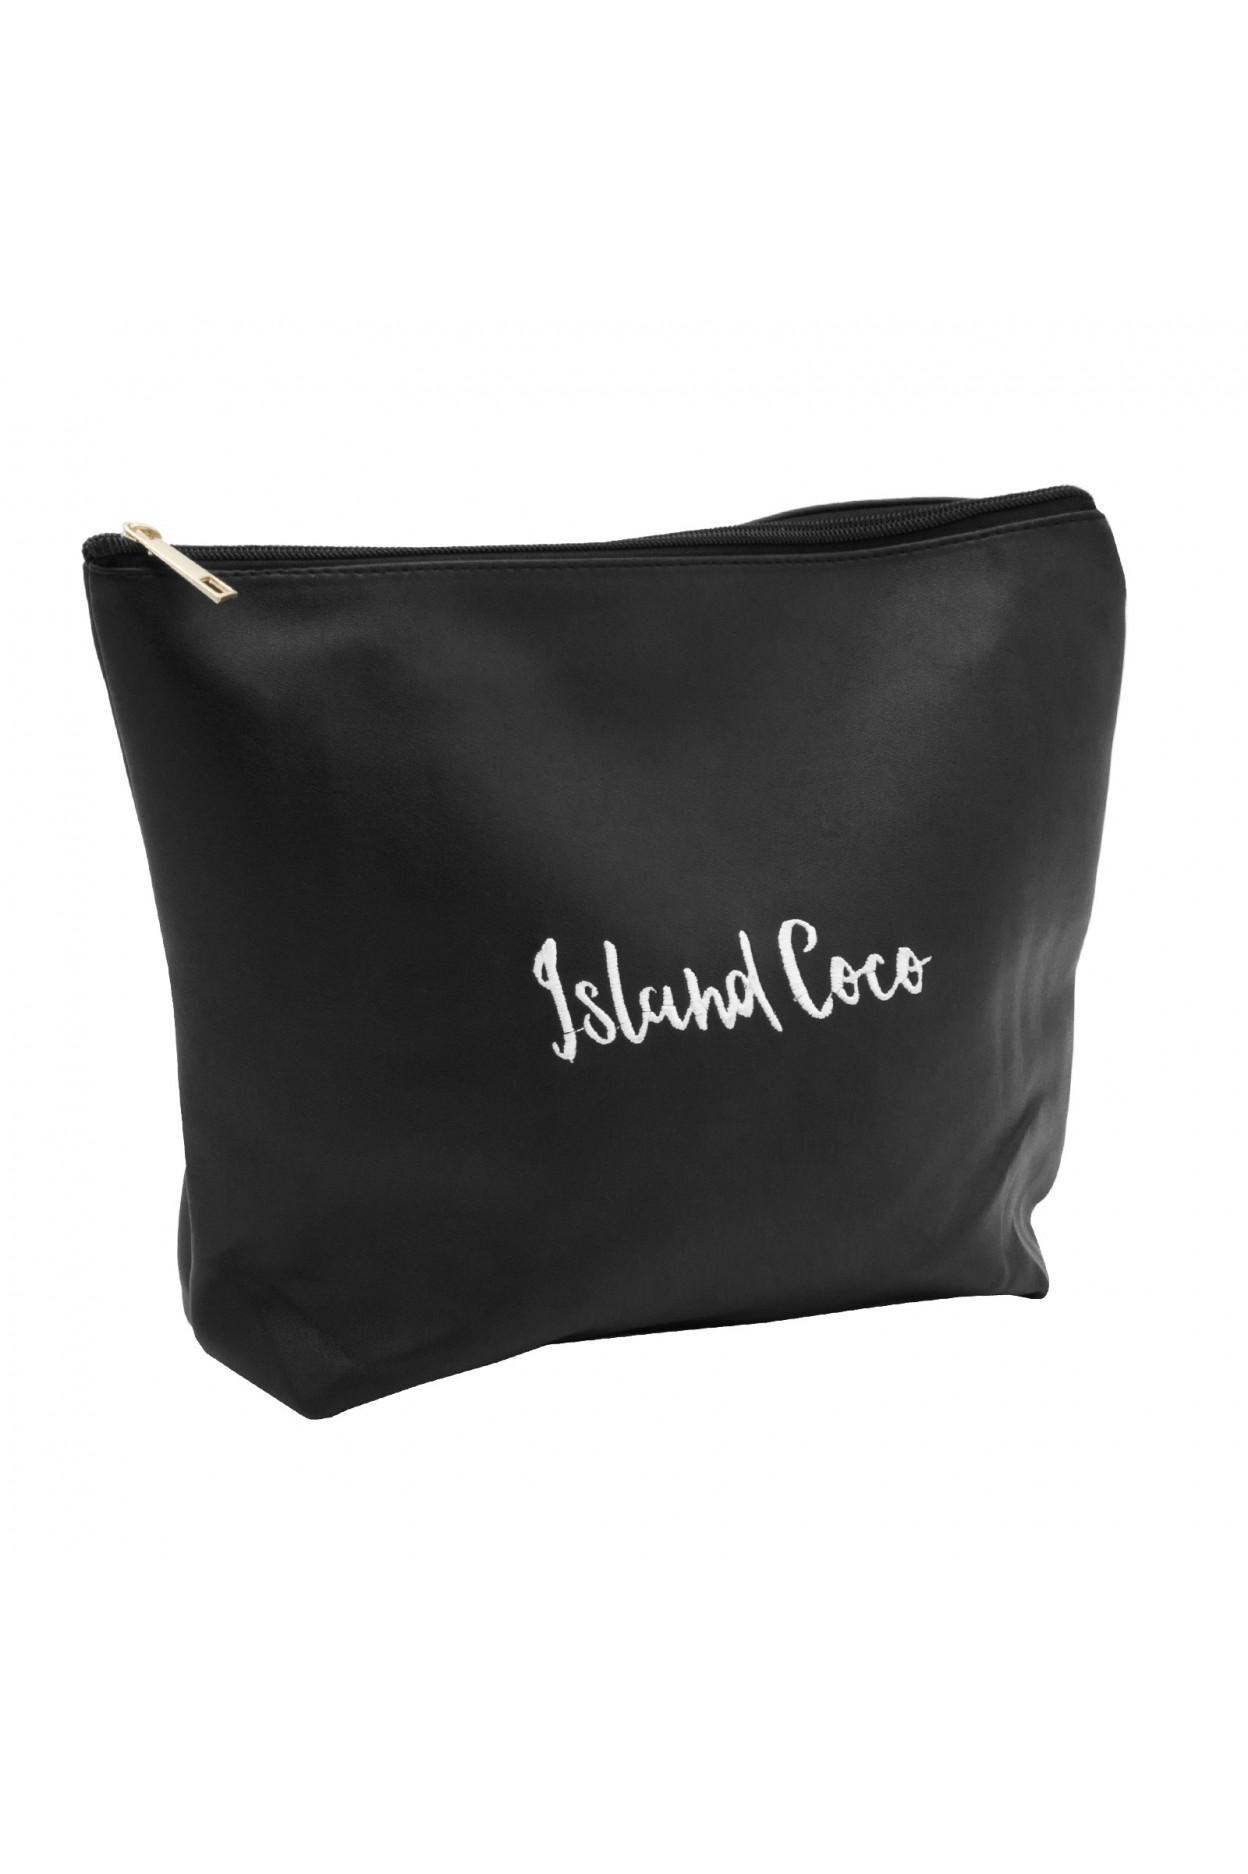 borsello - nero - donna - accessori - islandcoco